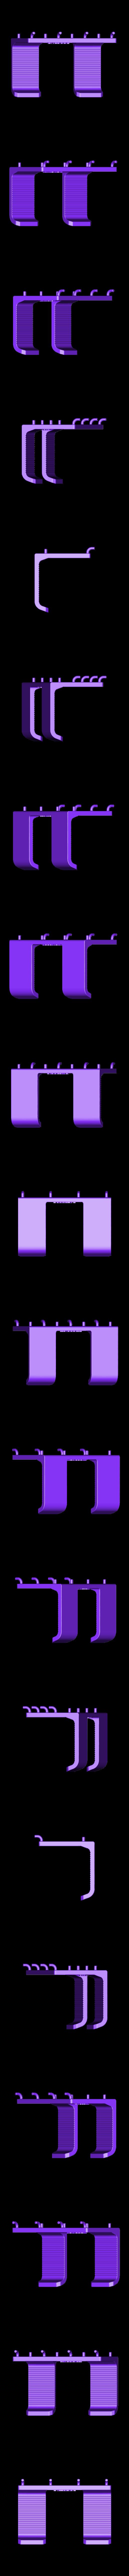 enforce_1500_pins.stl Télécharger fichier STL gratuit Marteau club 1500 Grammes support 040 I ENFORCE I pour vis ou chevilles • Design à imprimer en 3D, Wiesemann1893